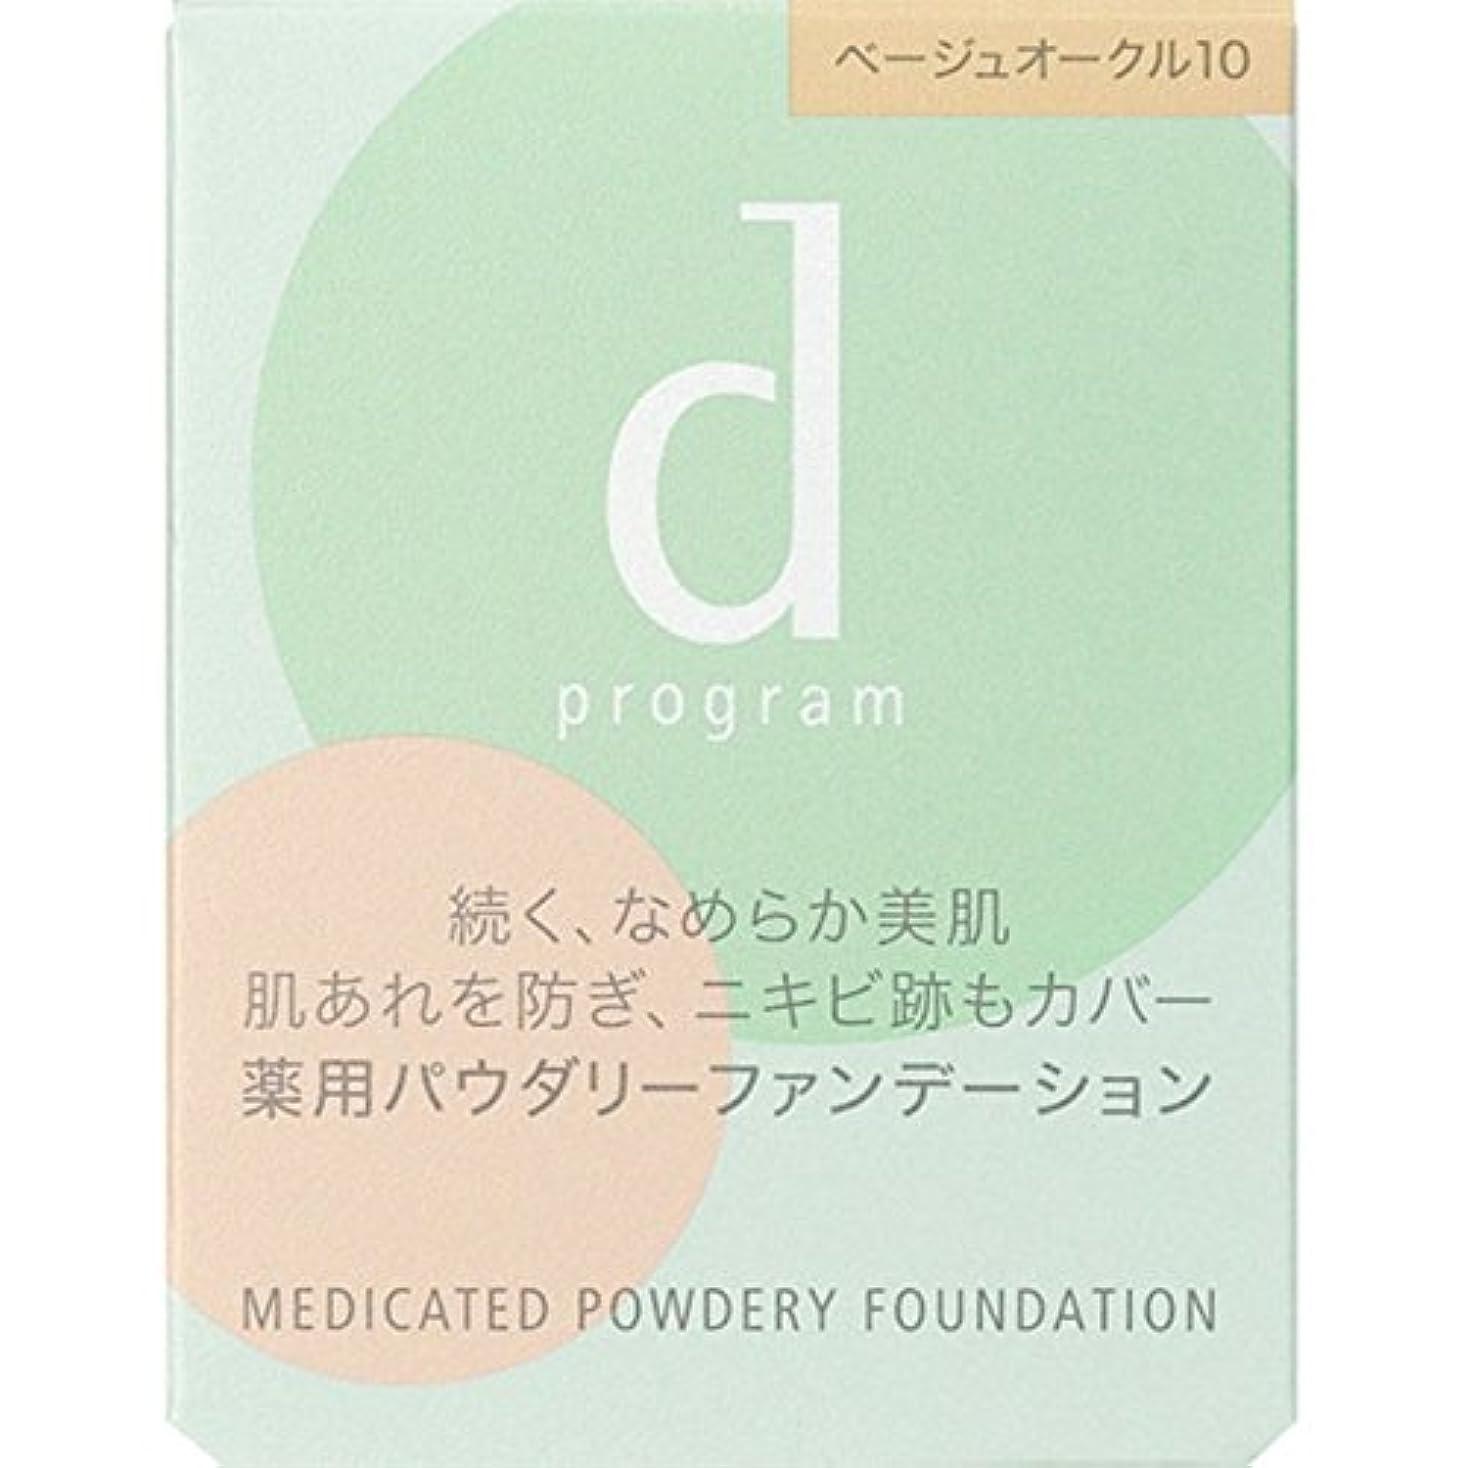 植物のピストン白いdプログラム メディケイテッド パウダリーファンデーション ベージュオークル10